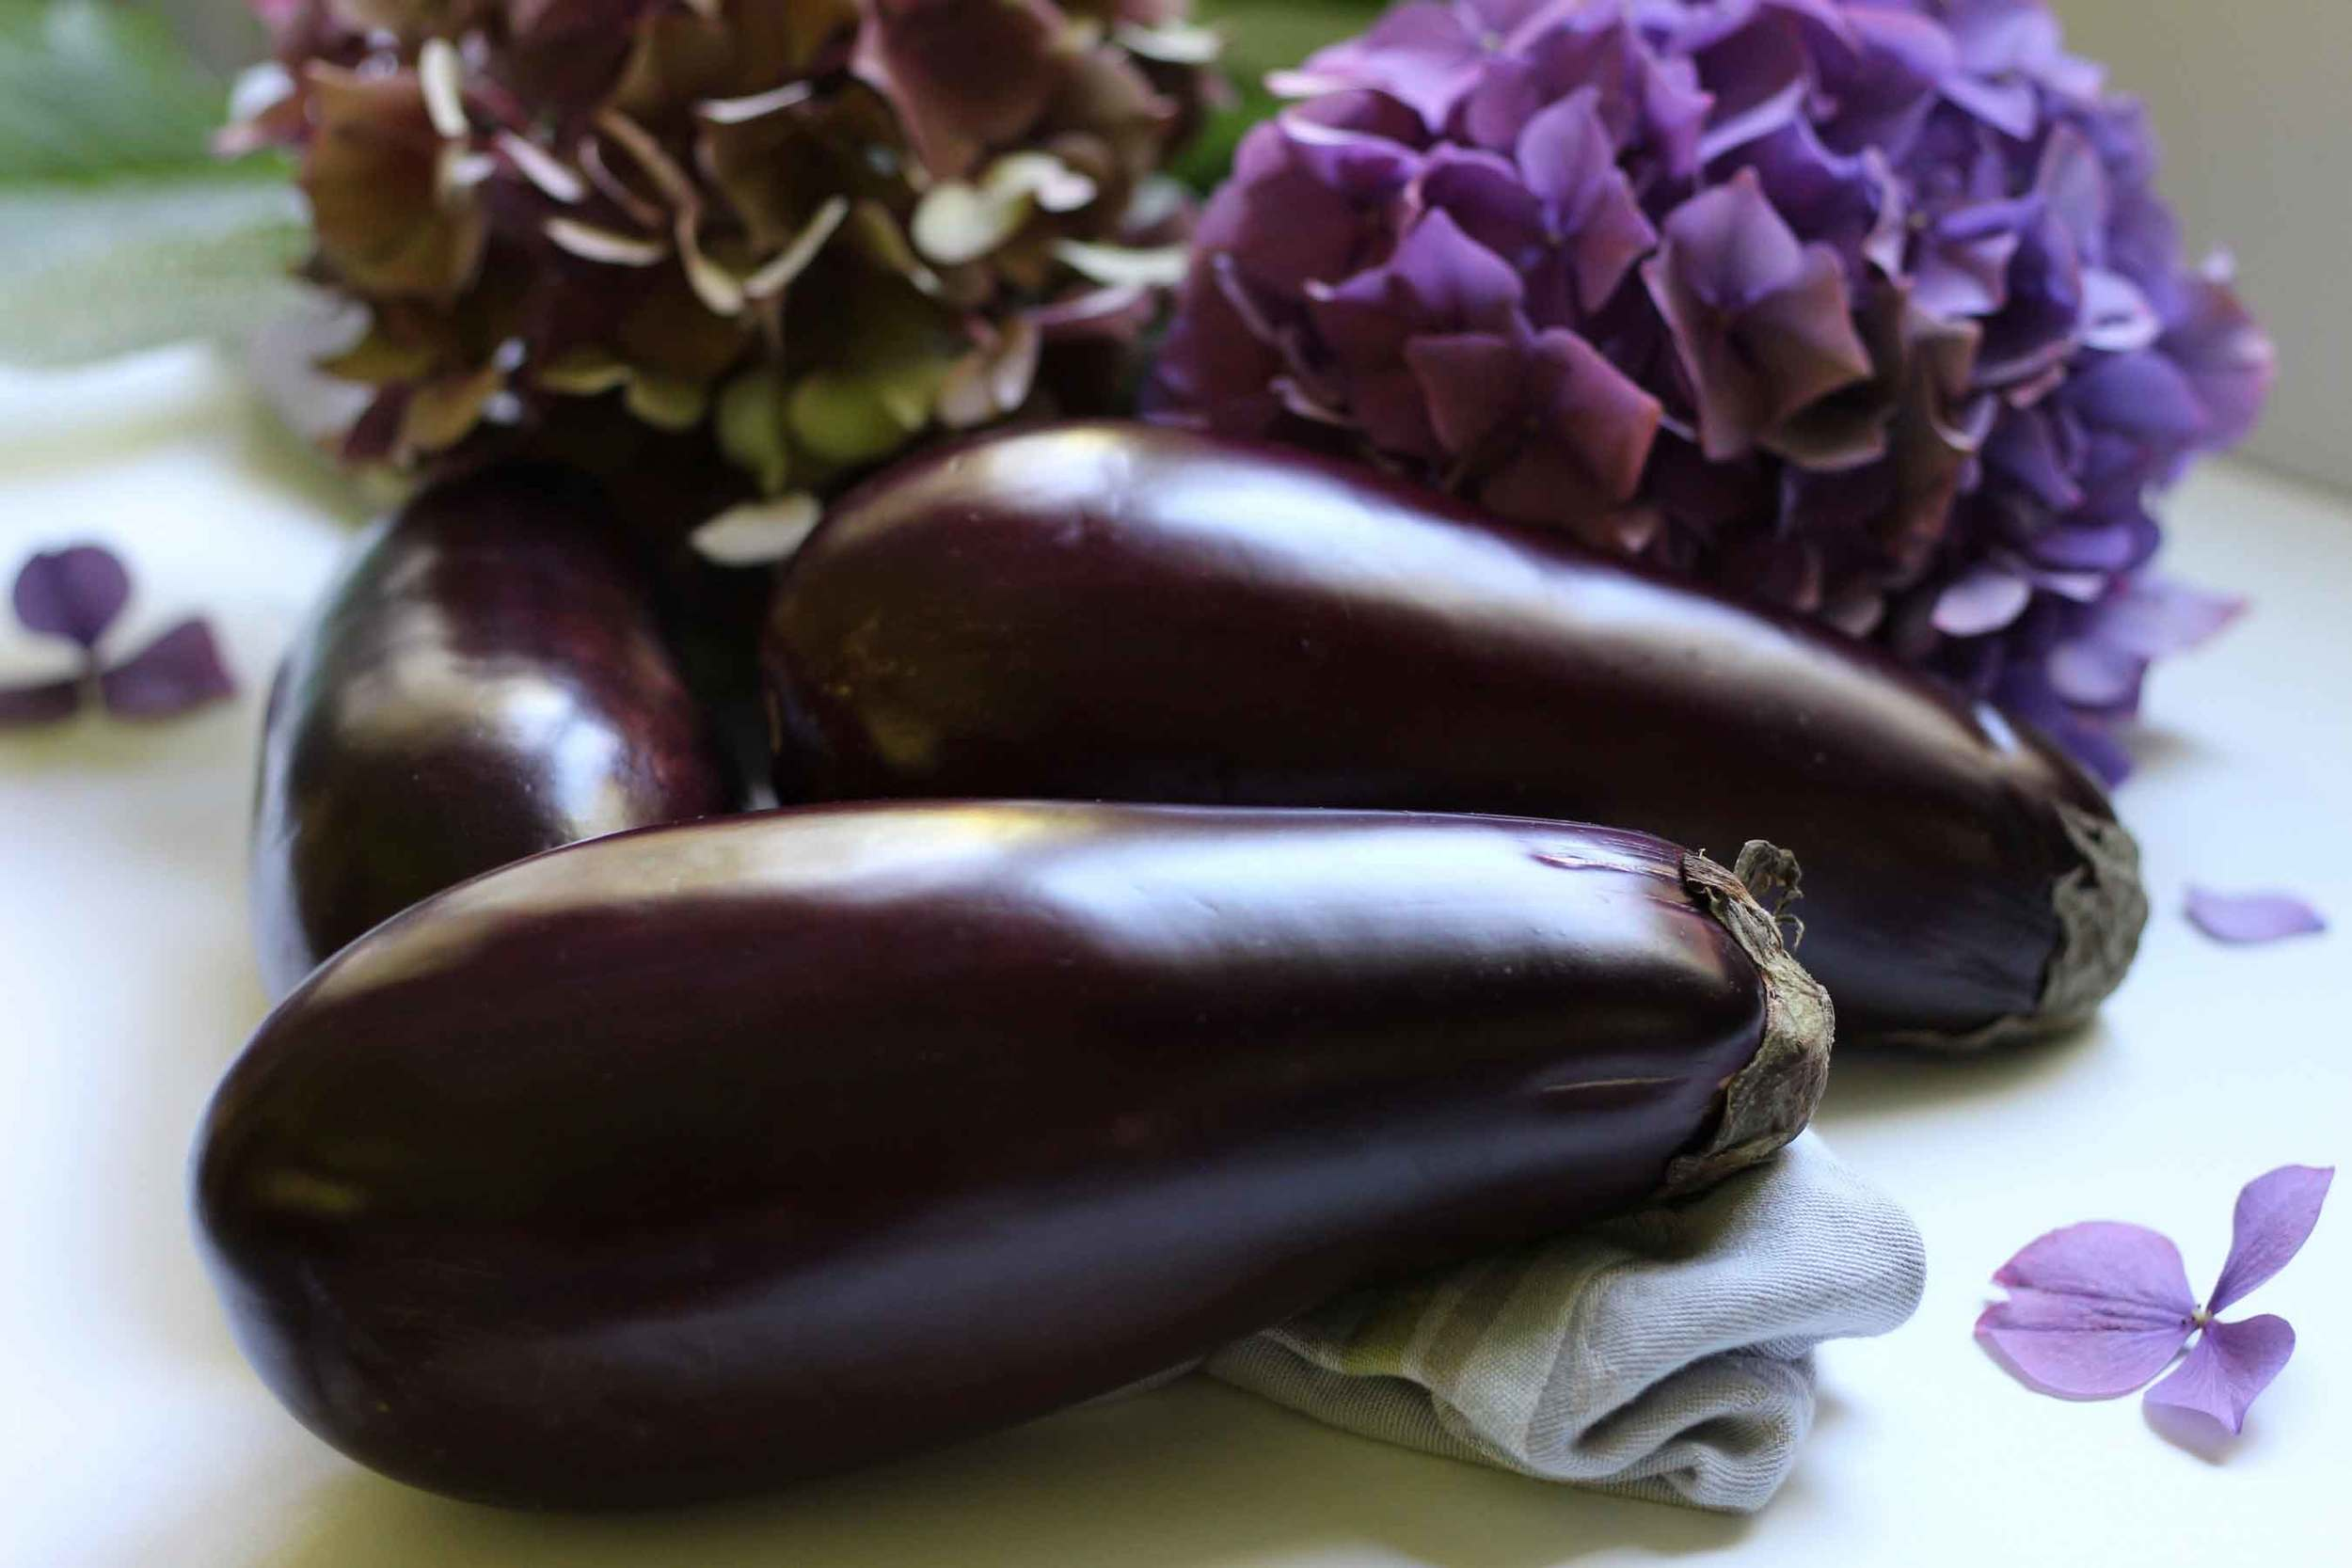 Eggplants, aubergines, hydrangeas